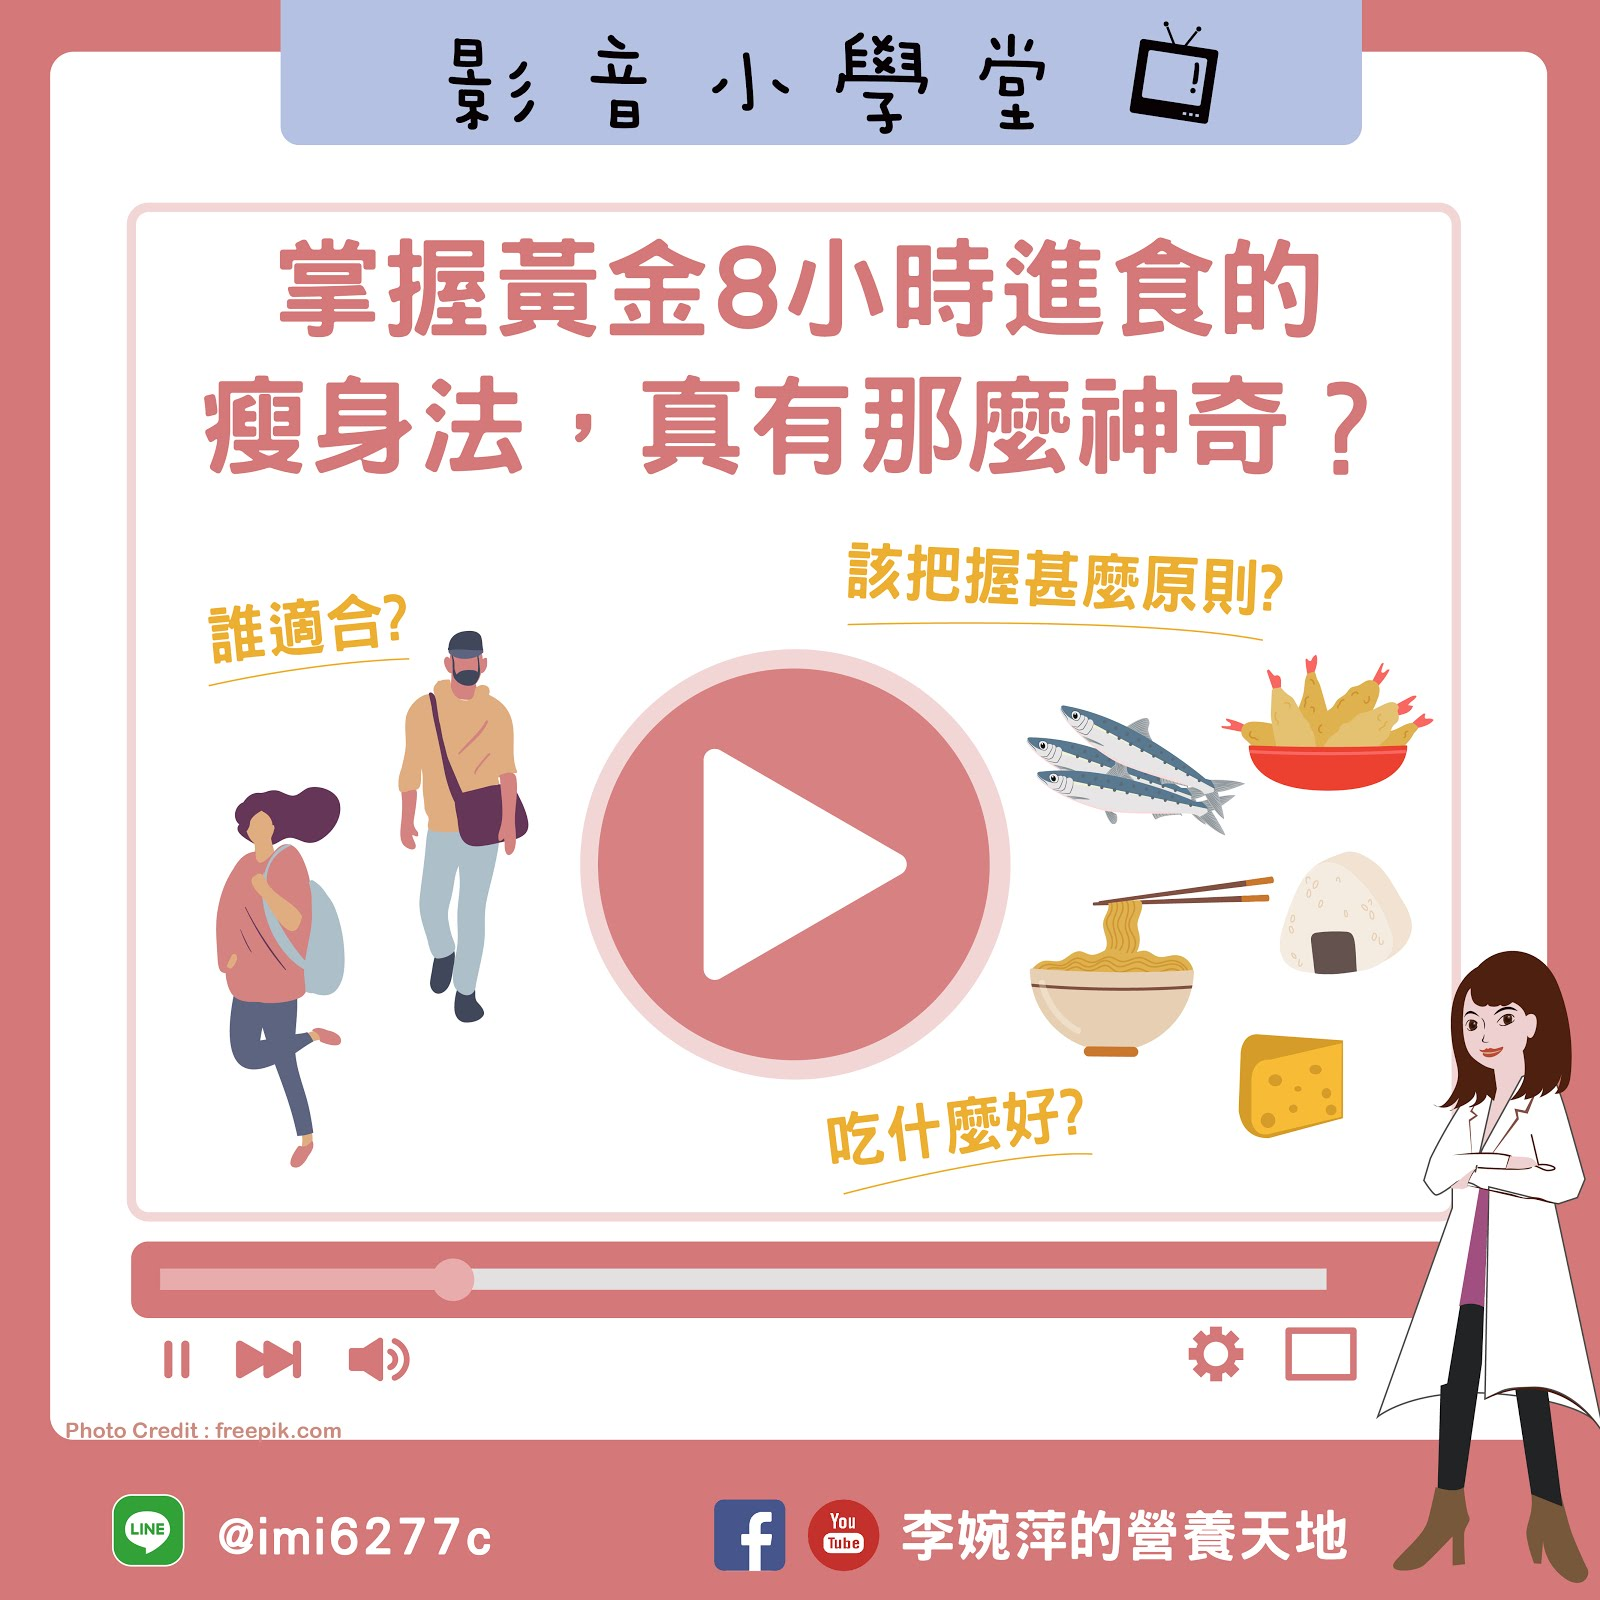 李婉萍的營養天地: 掌握黃金8小時進食的瘦身法,規律運動